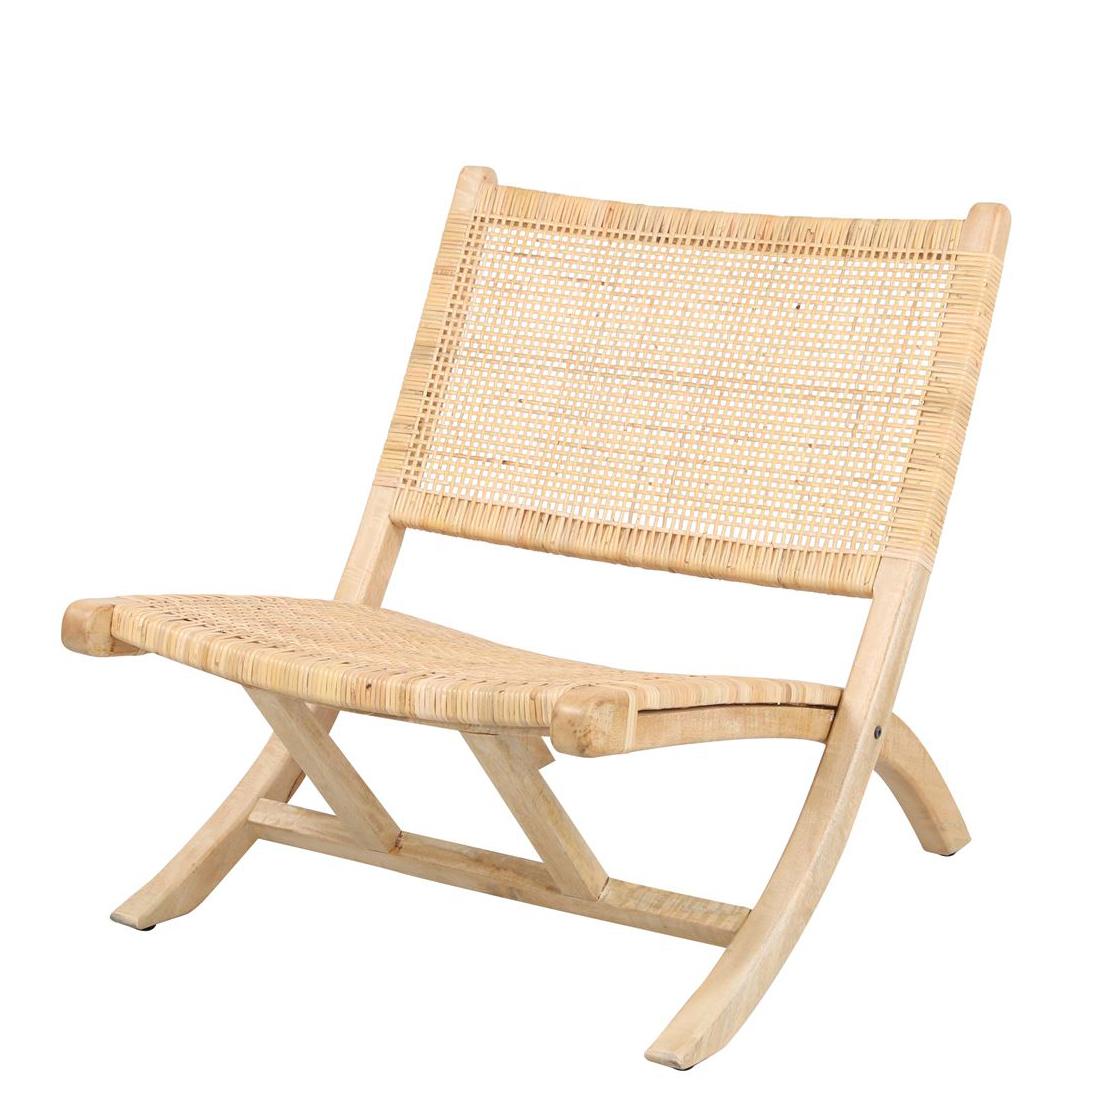 Cadeira Bergo, dobrável, madeira manga/corda de algodão